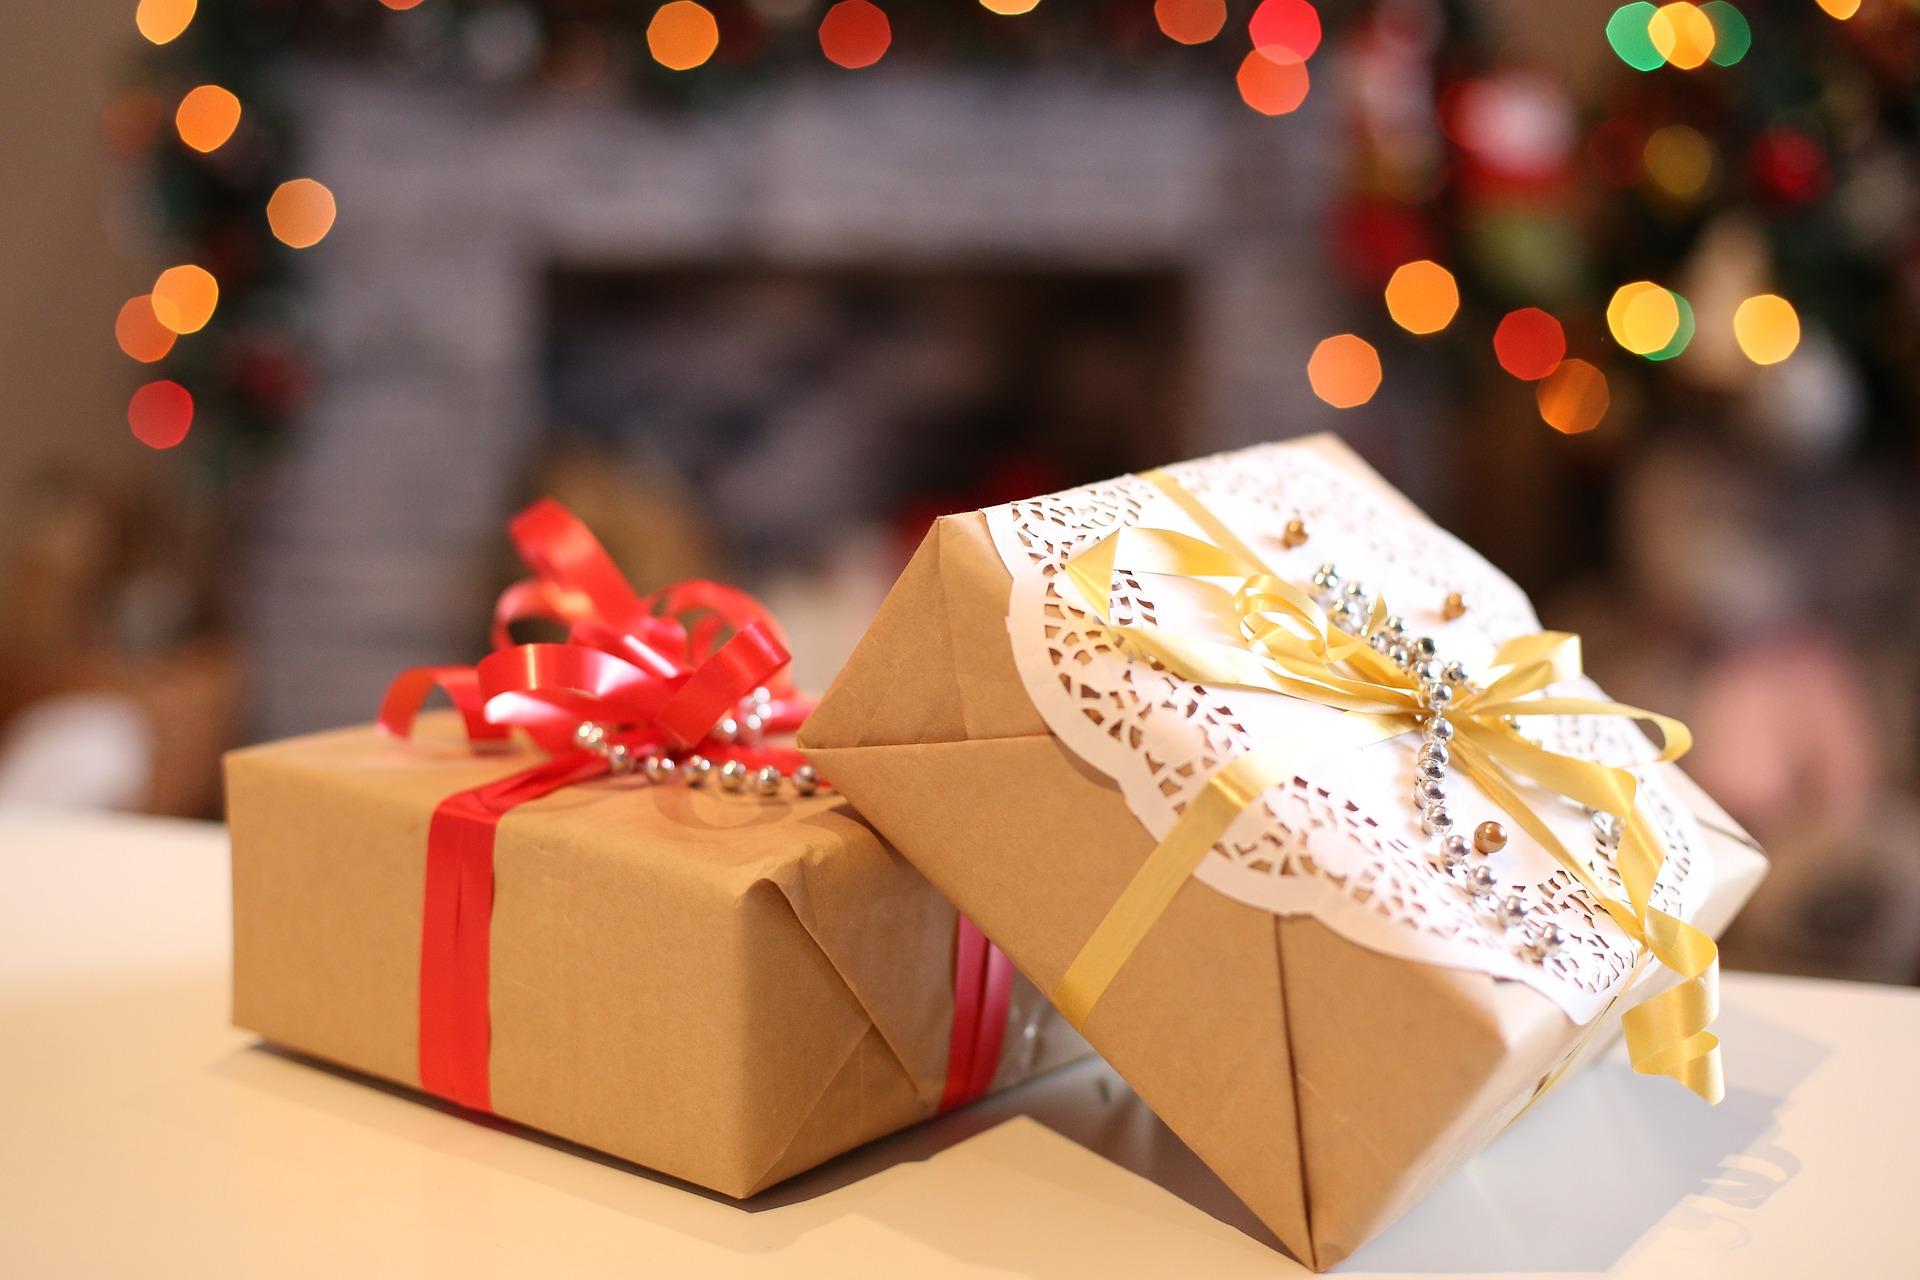 La folie des cadeaux originaux